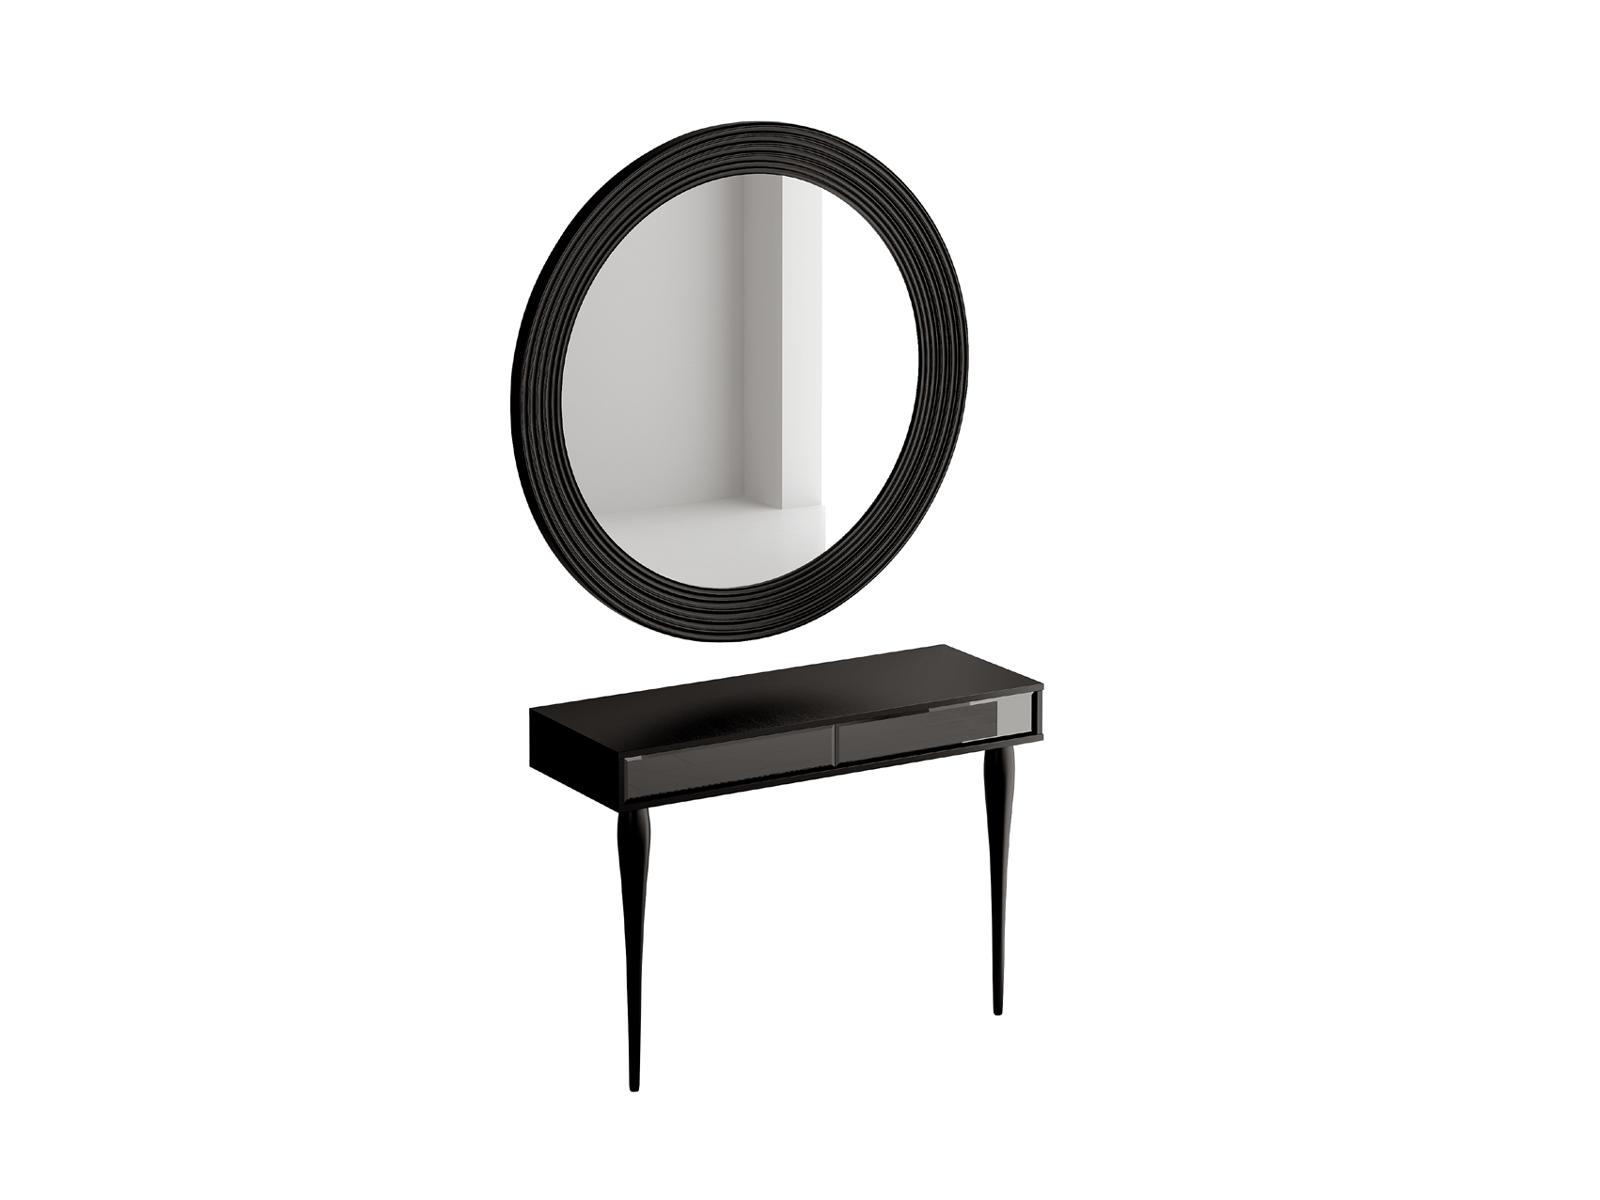 Туалетный столик с зеркалом CloudТуалетные столики<br>Комплект из зеркала и туалетного столика. Туалетный столик с двумя выдвижными ящиками. Ящики открываются по принципу нажал-открыл. Столик и зеркало необходимо крепить к стене.<br>